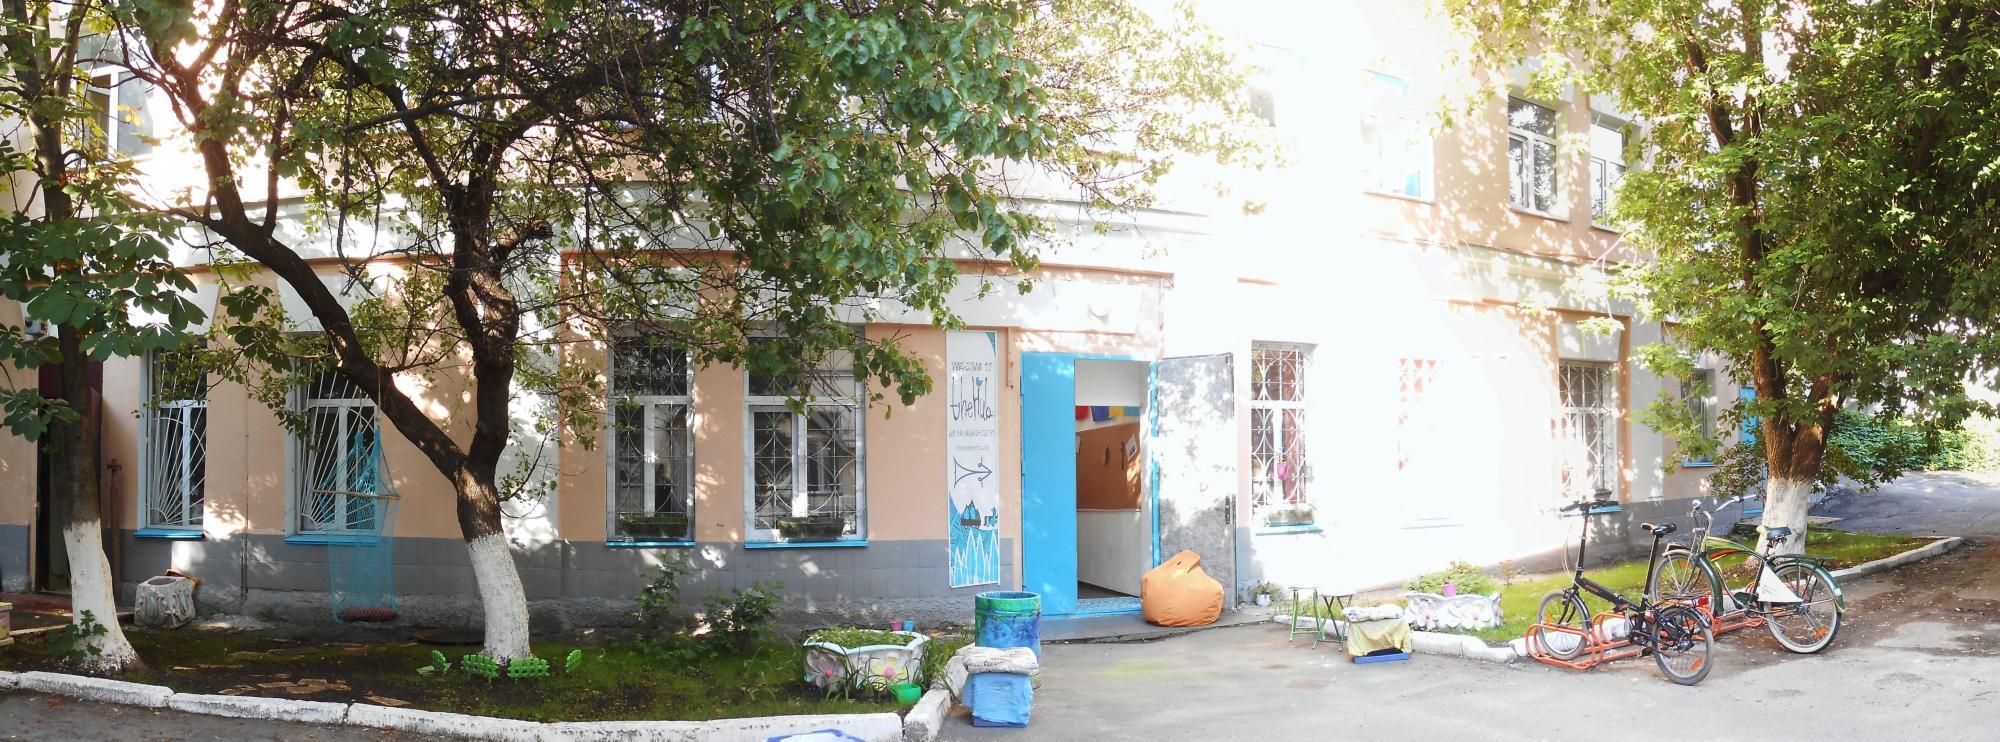 The Hub Kyiv Hostel